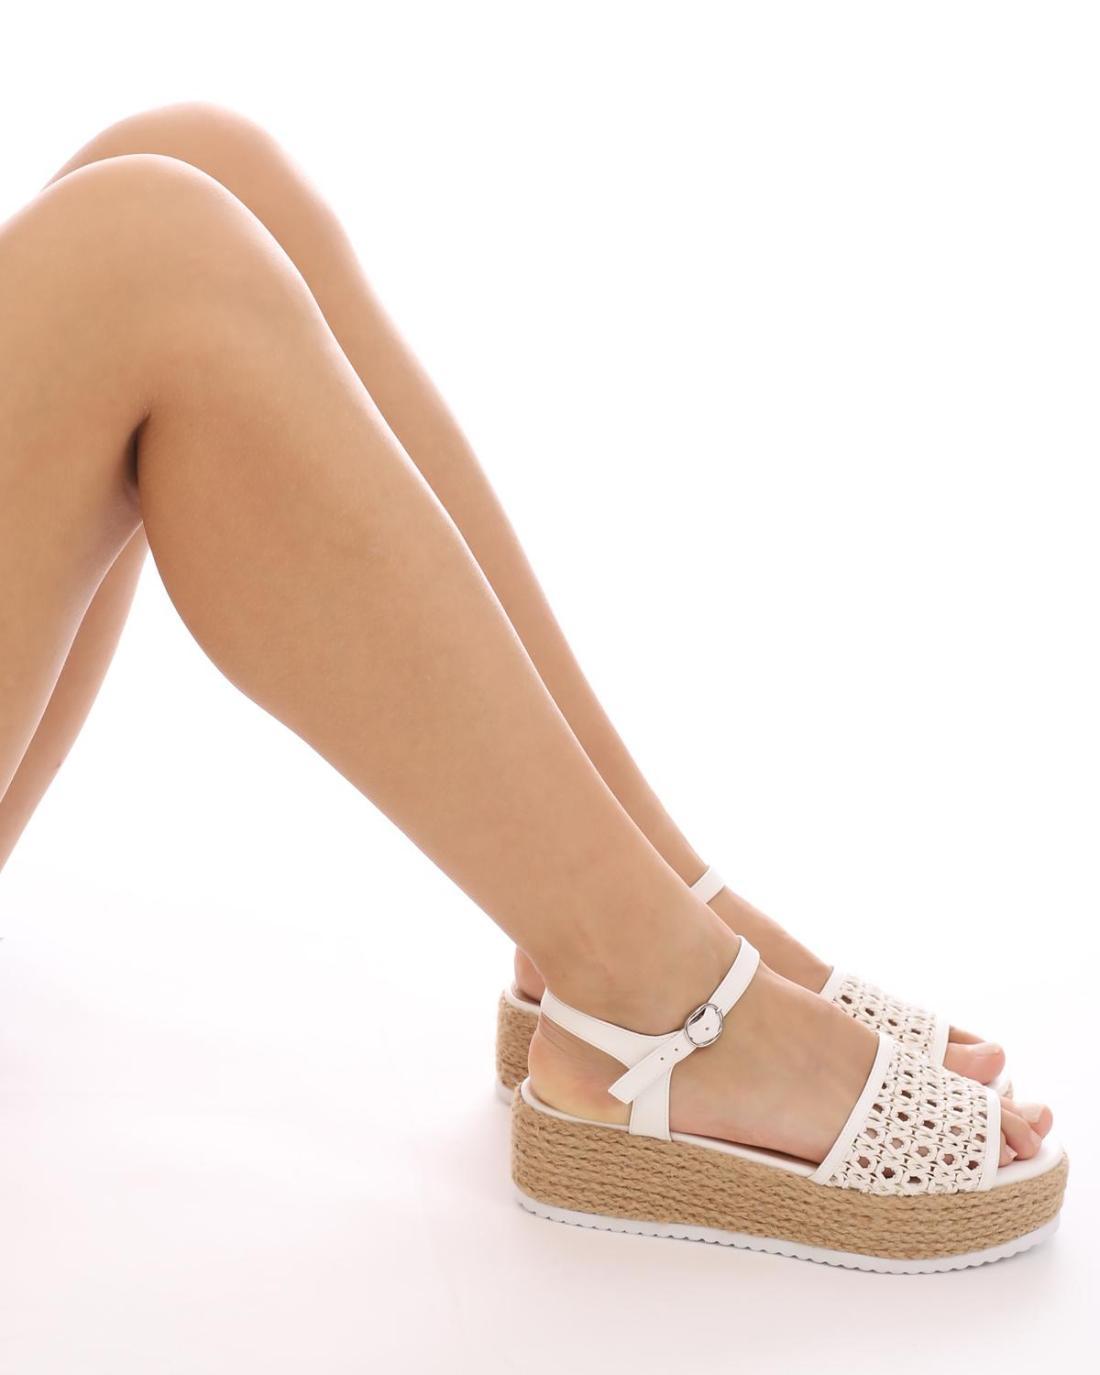 Πέδιλα-πλατφόρμες άσπρες